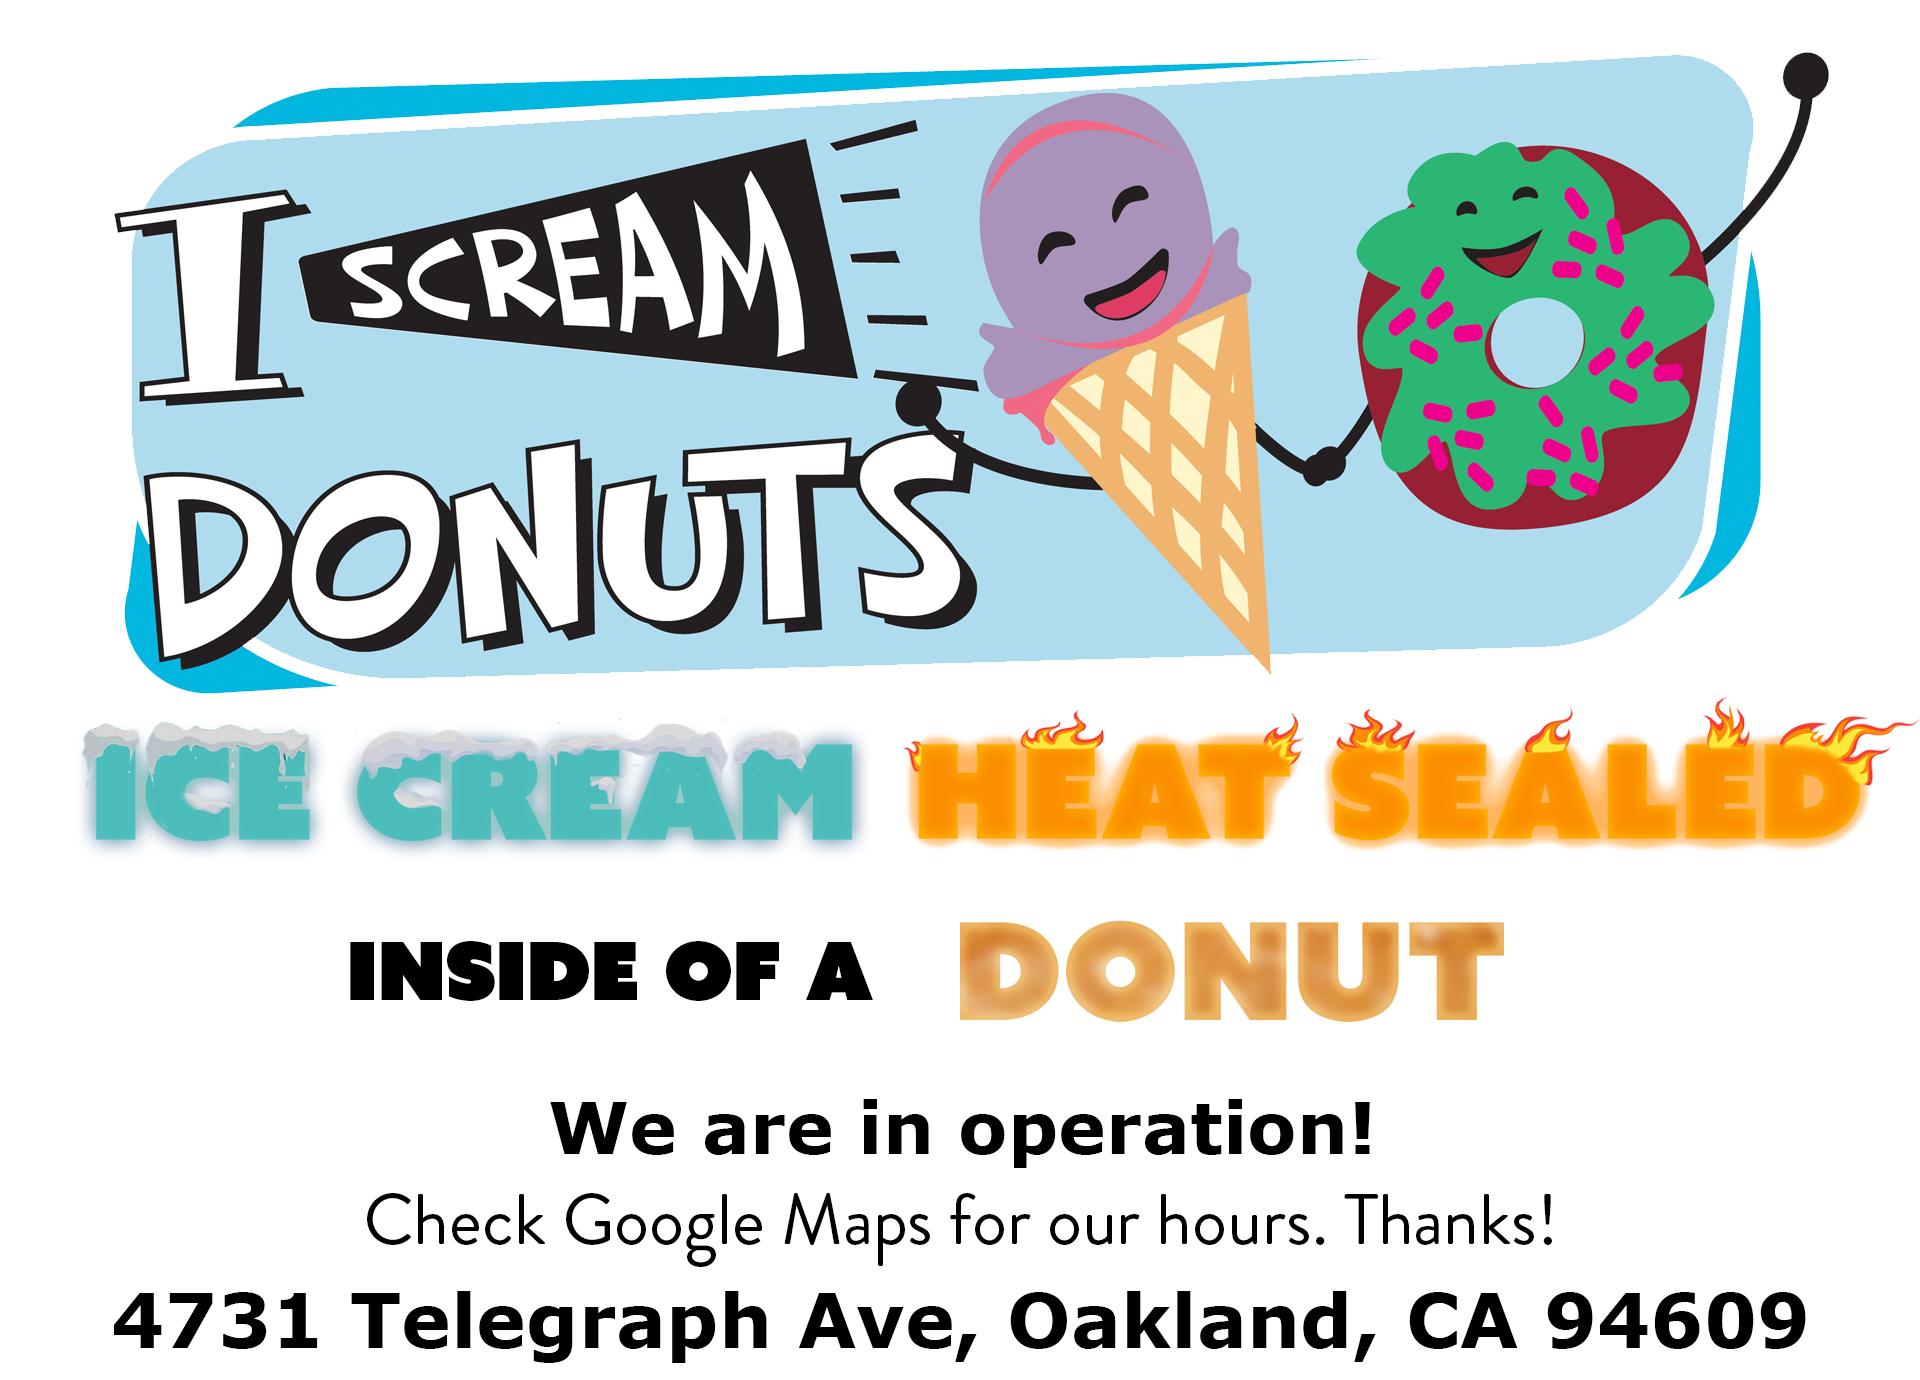 I Scream Donuts